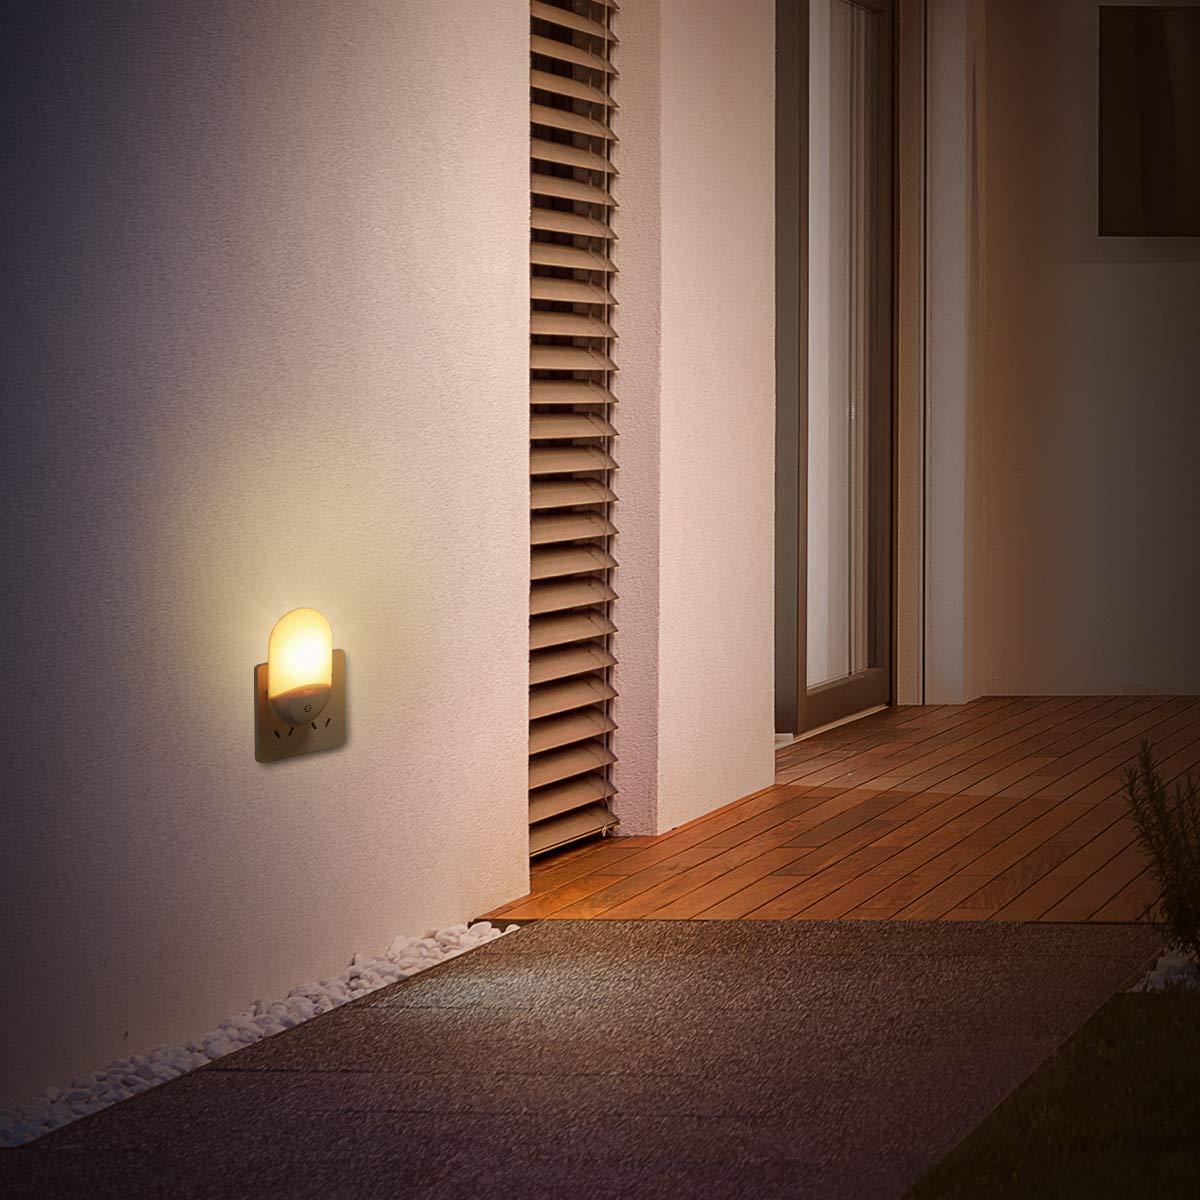 LED Night Light,Elfeland Plug in Night Light Warm White 4000K-4500K 220V 0.5W 15lm Dusk to Dawn Optical Sensor Light UK Standard Plug Porch Light Ideal for Corridor Balcony Outdoor Lighting 1 Pack